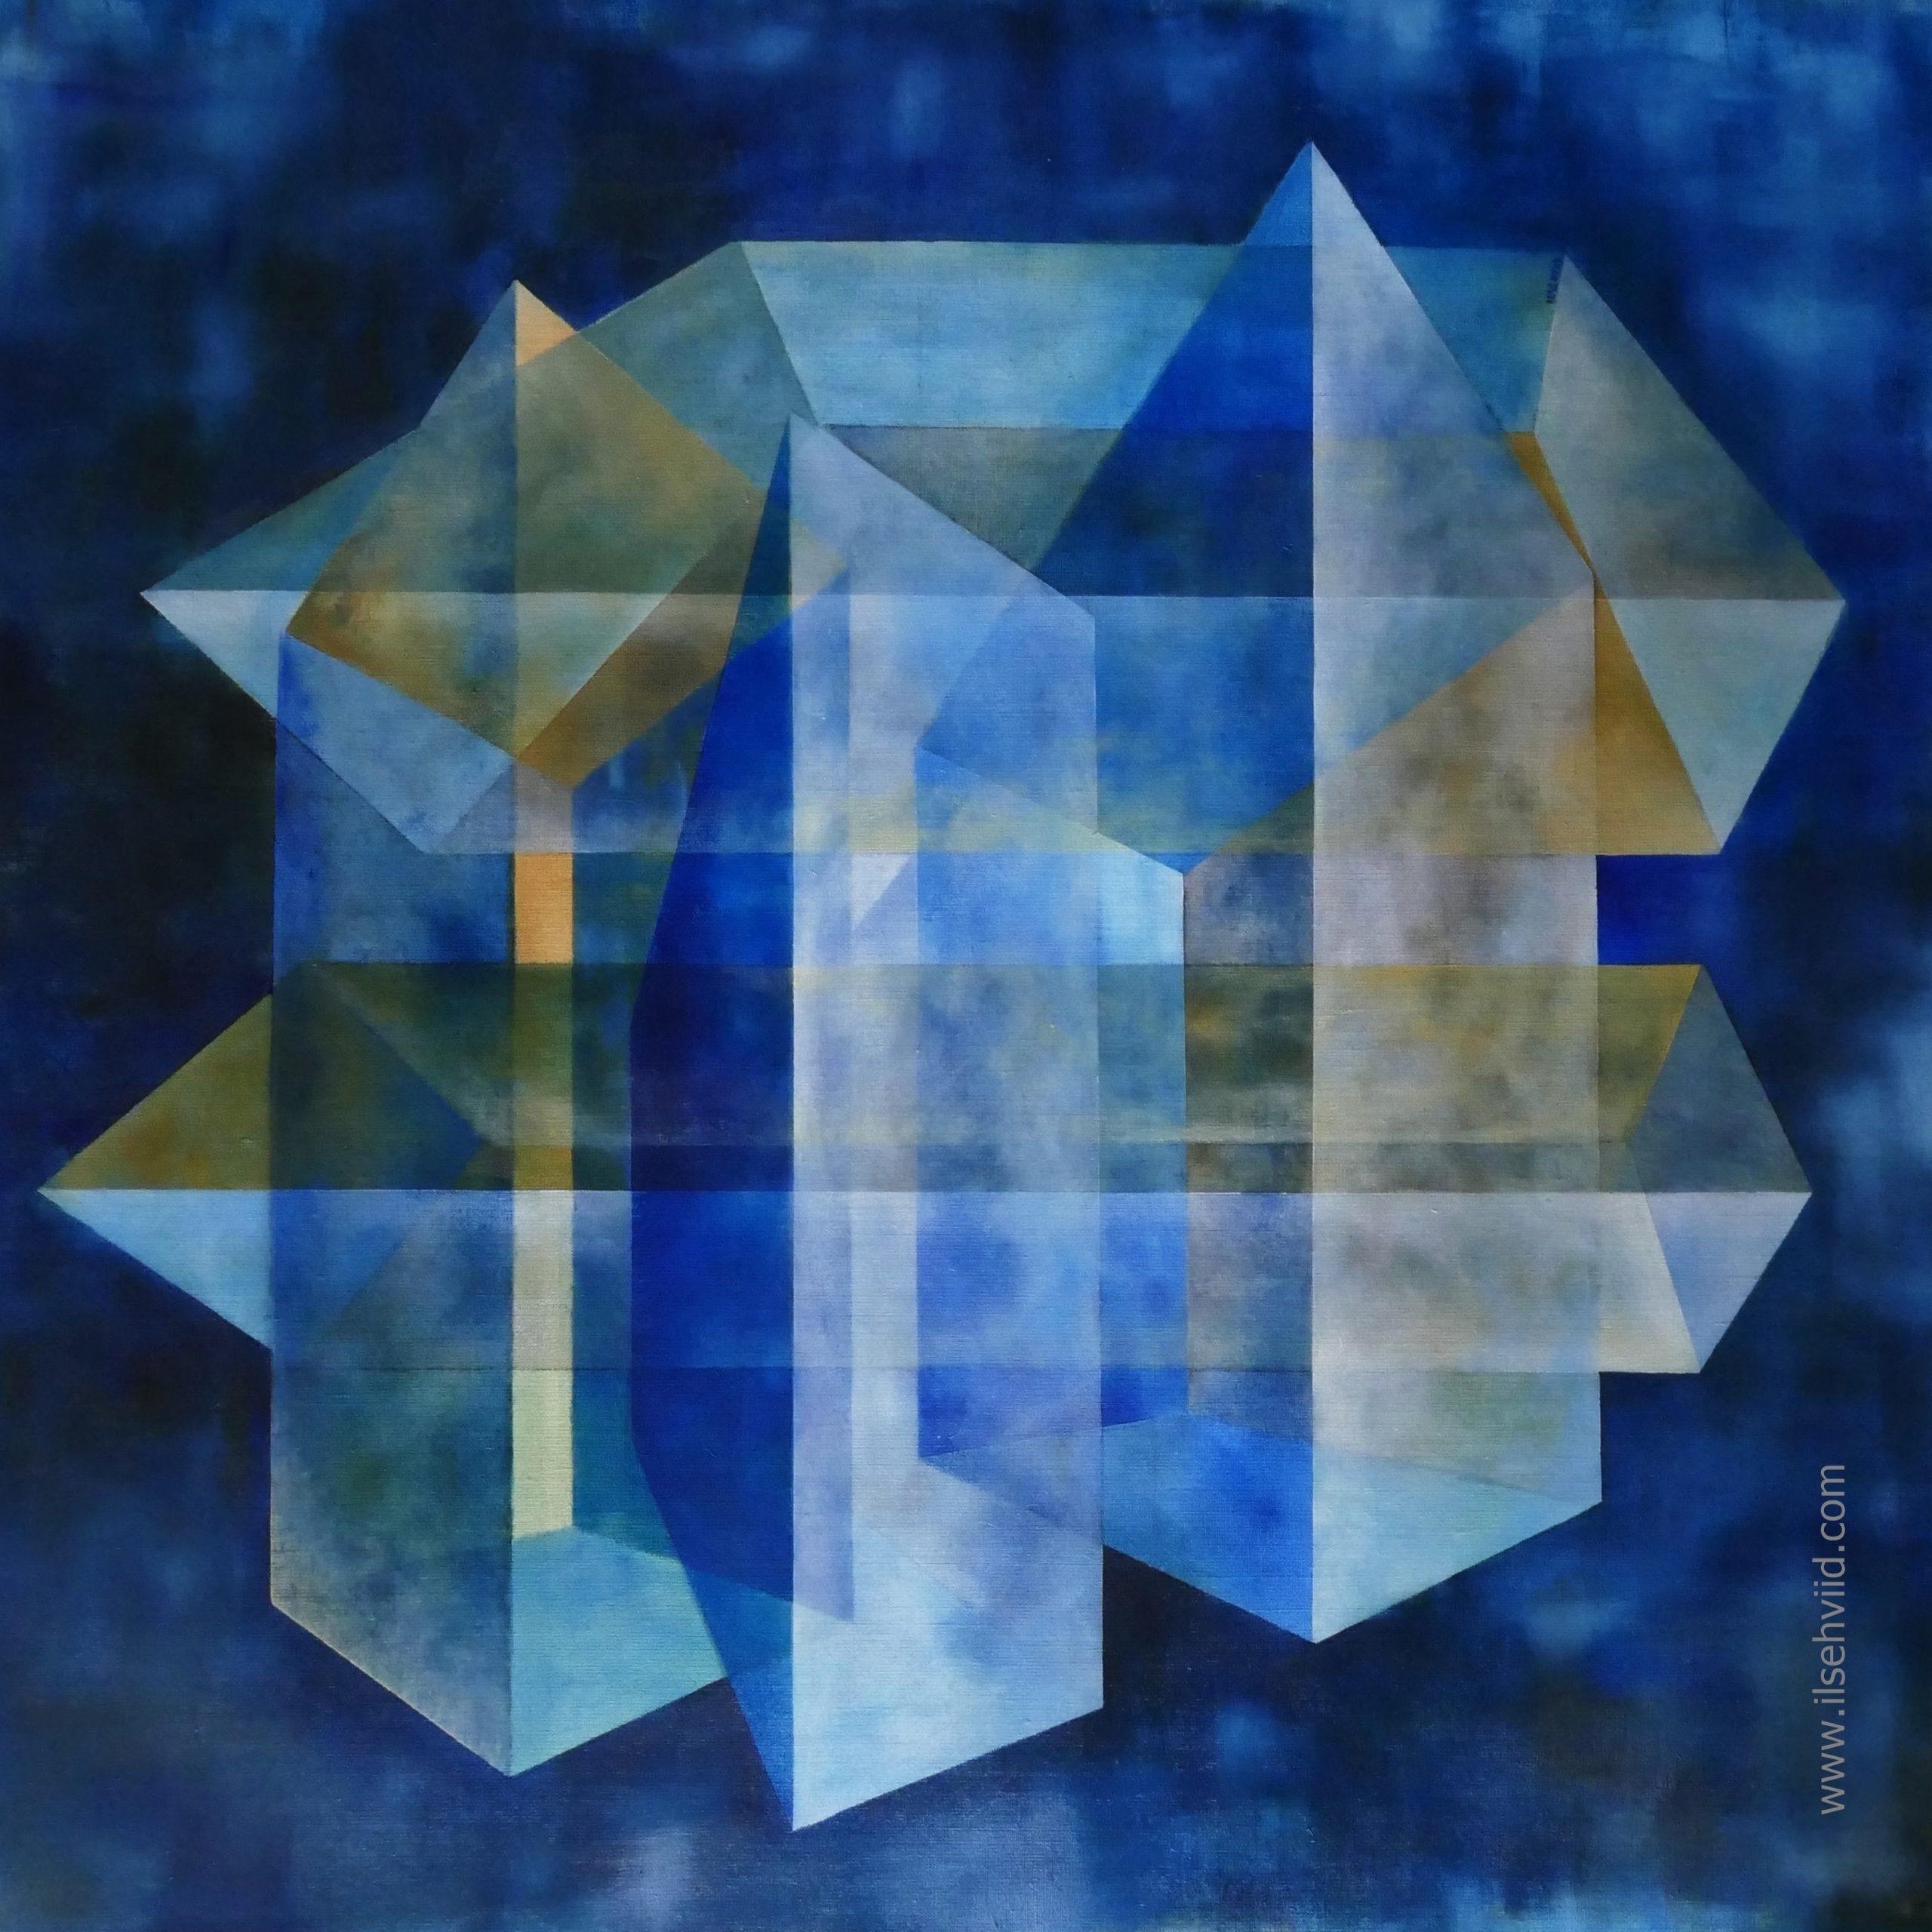 den blå